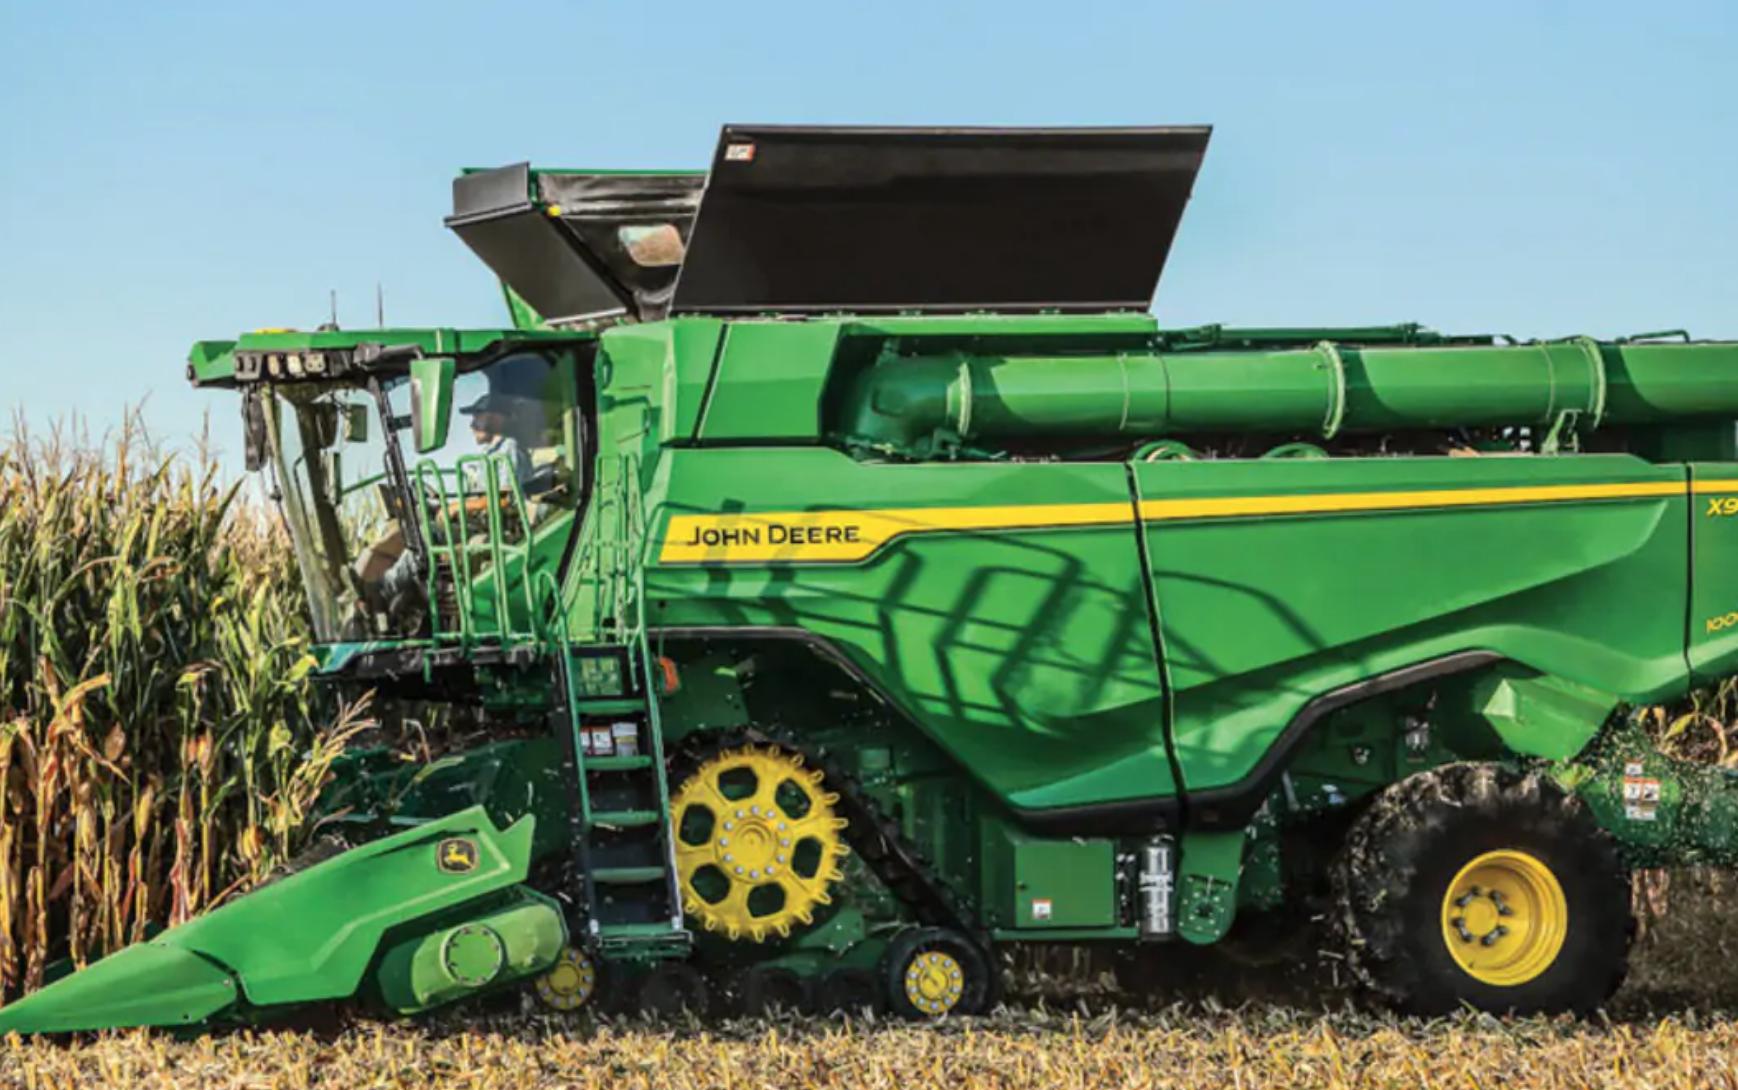 John Deere X9 1100 combine